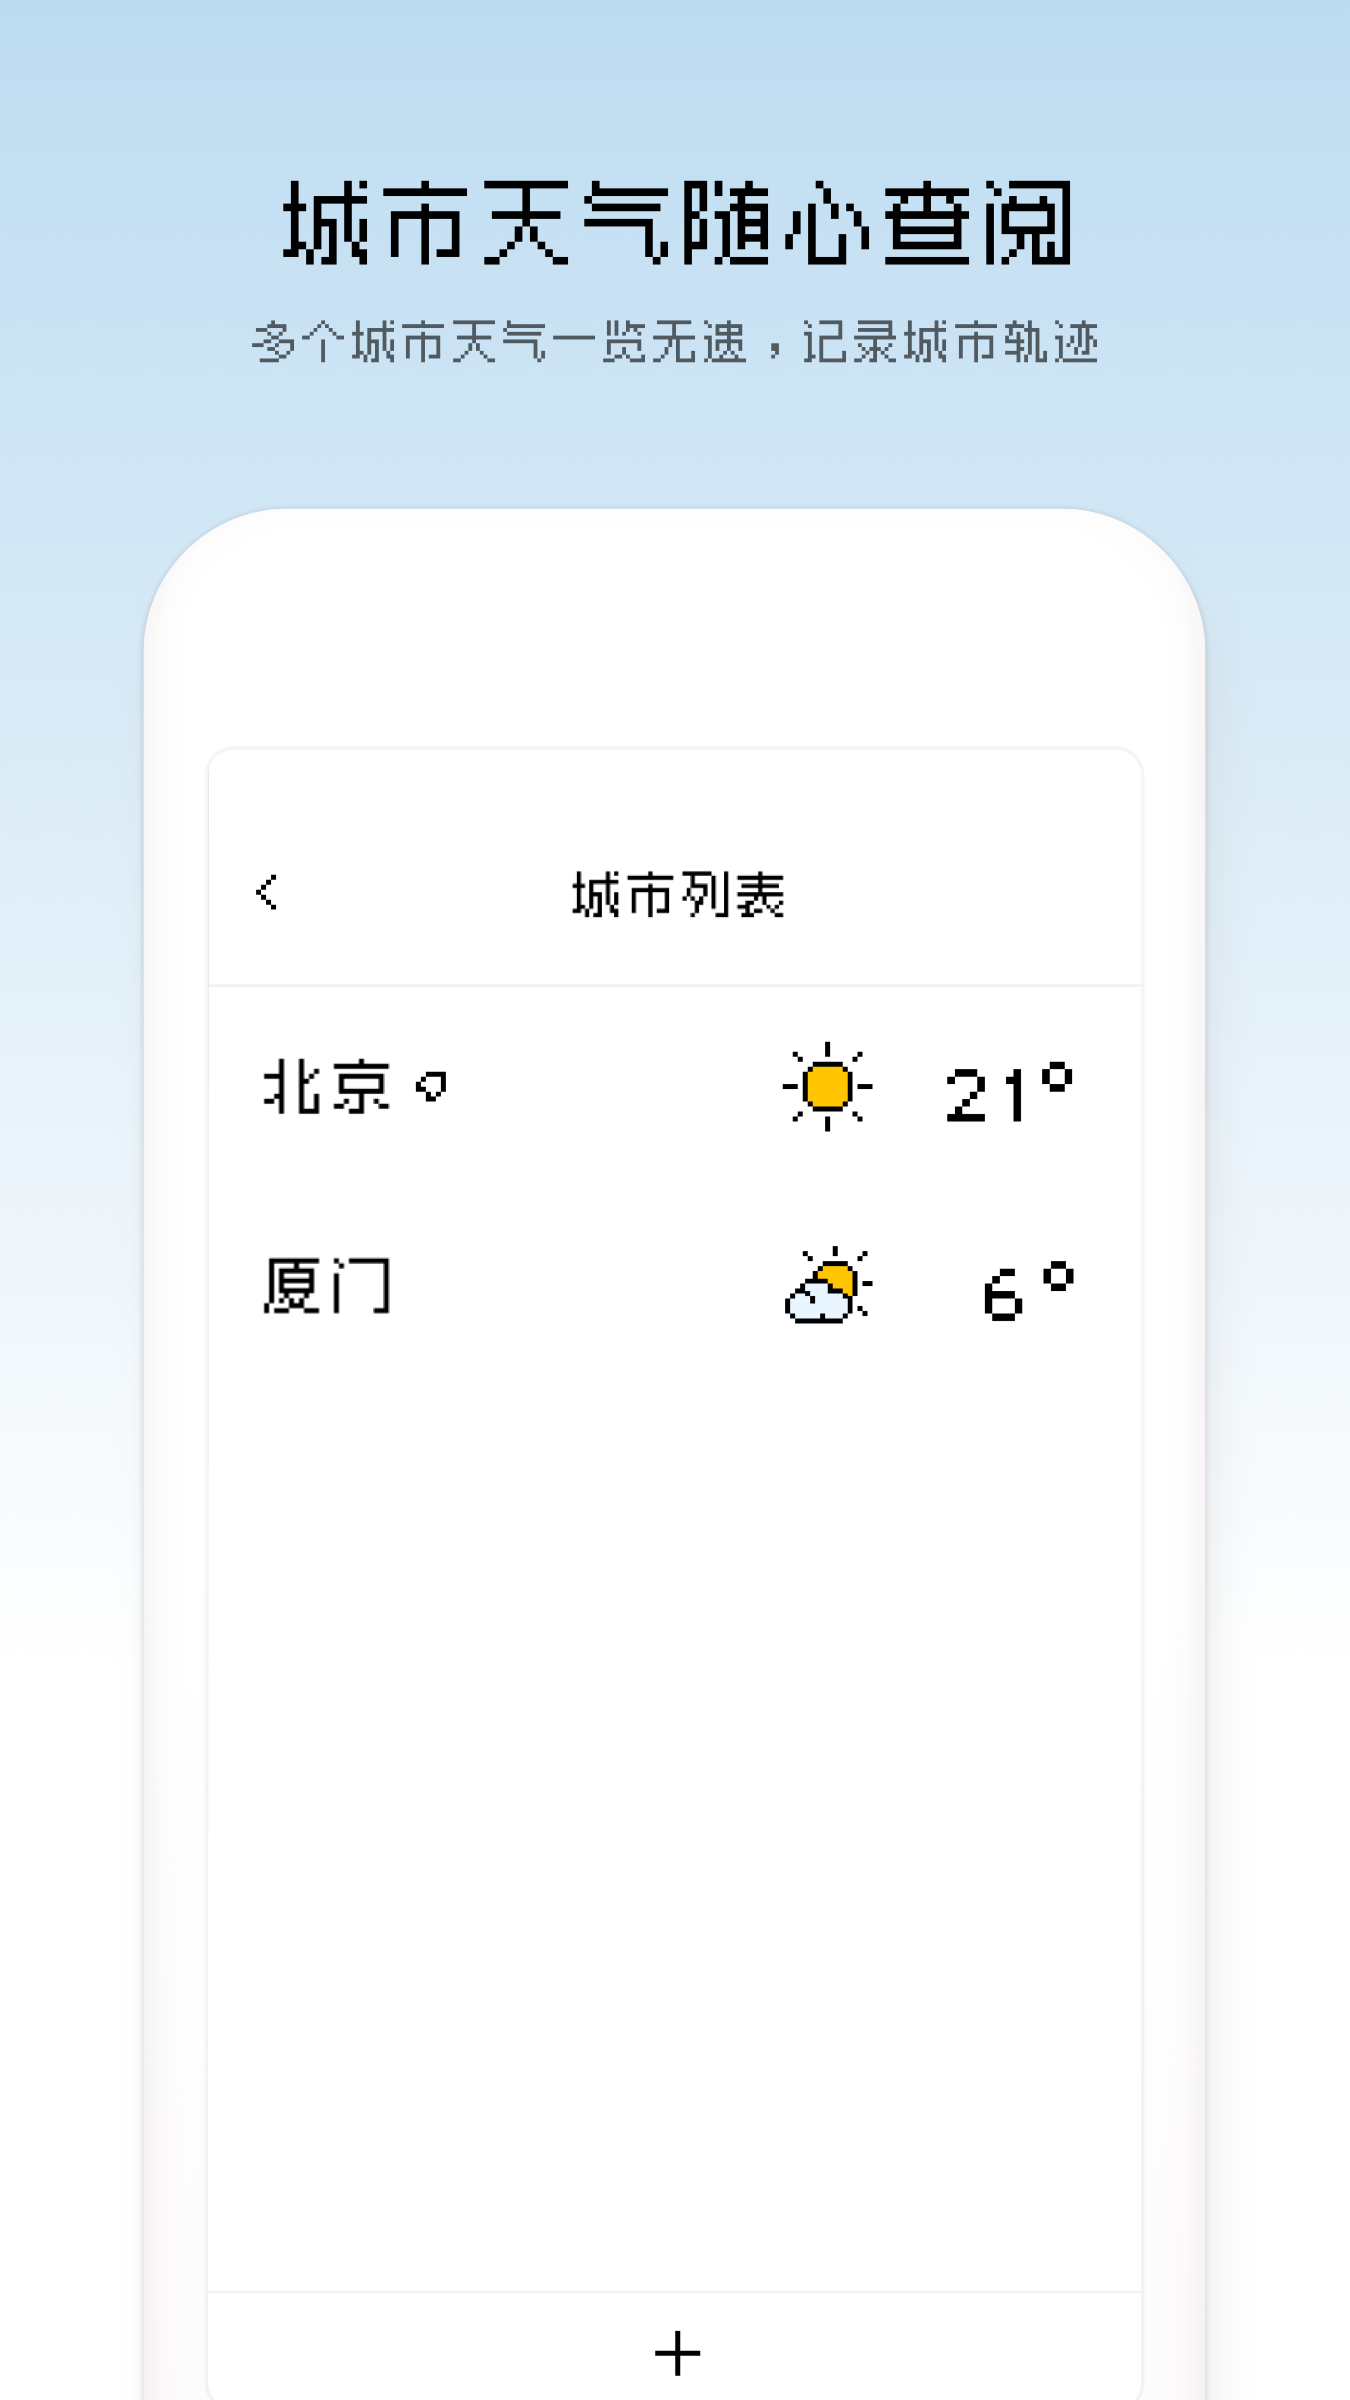 像素天气 V2.20102.0 Android版截图1